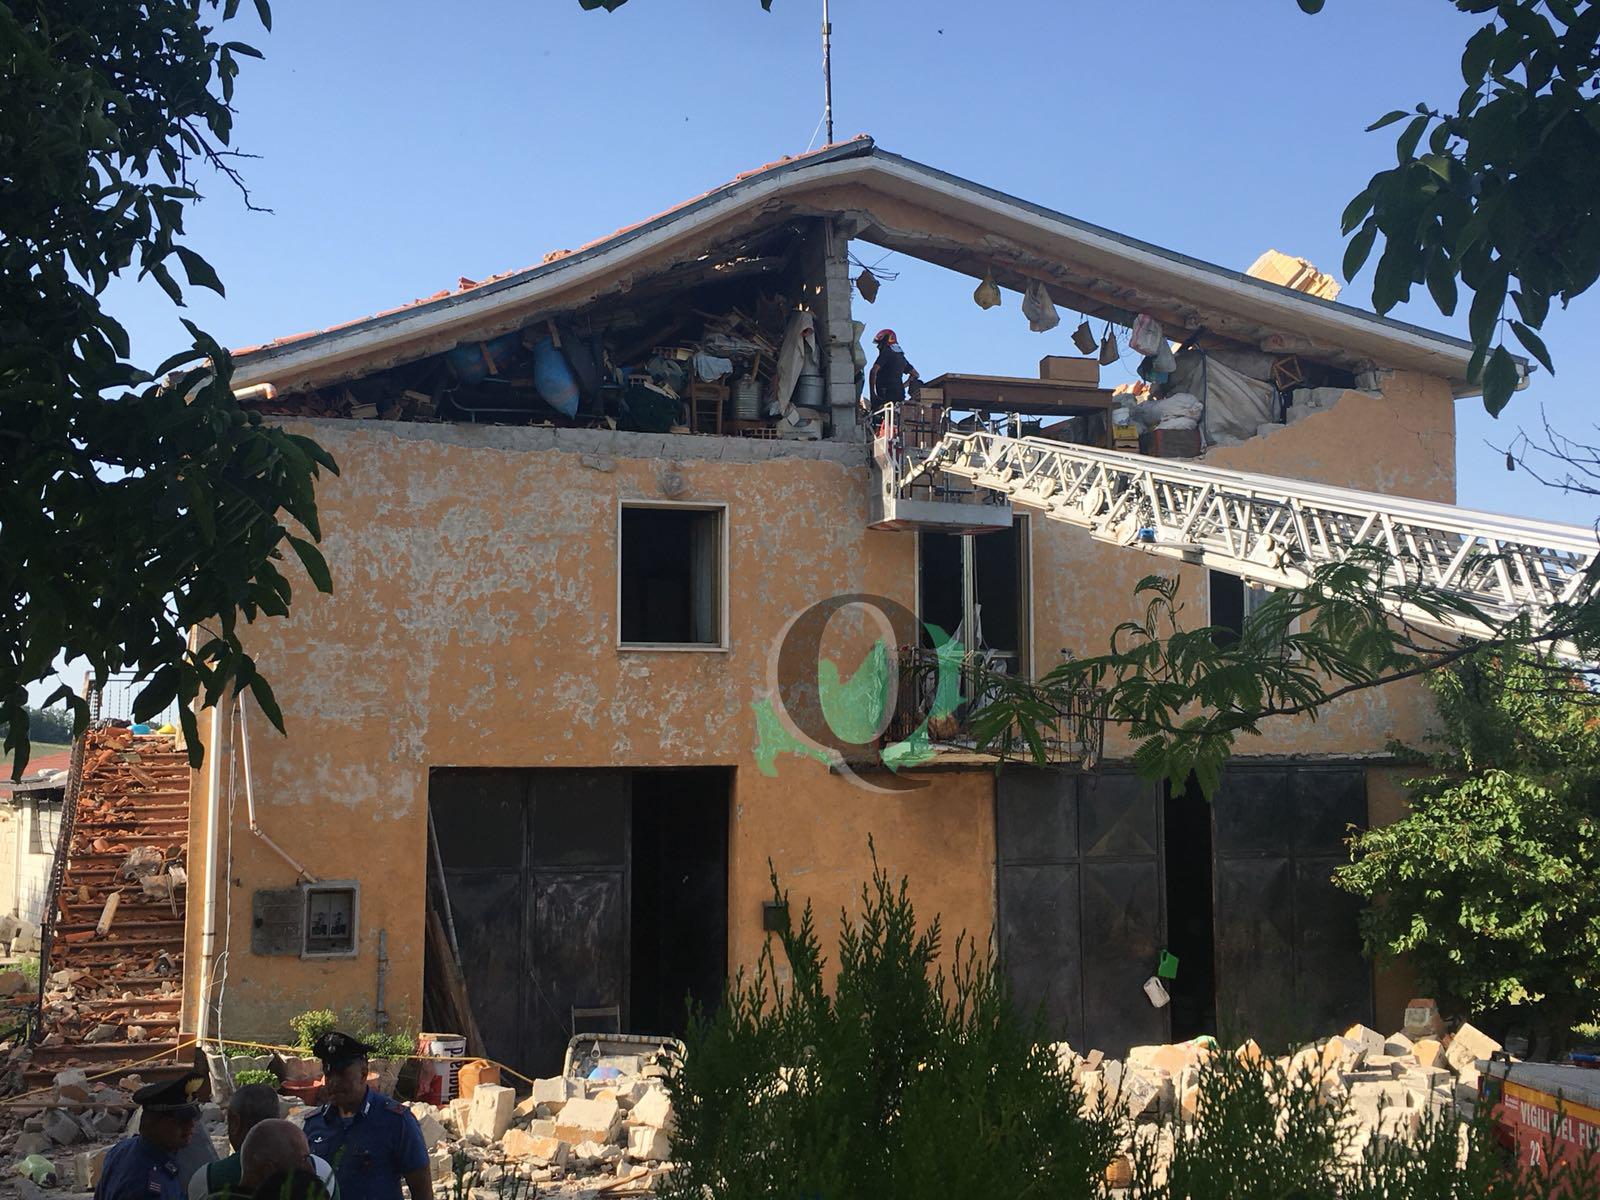 Esplode bombola del gas, casa sventrata: ci sono feriti (FOTO  E VIDEO)